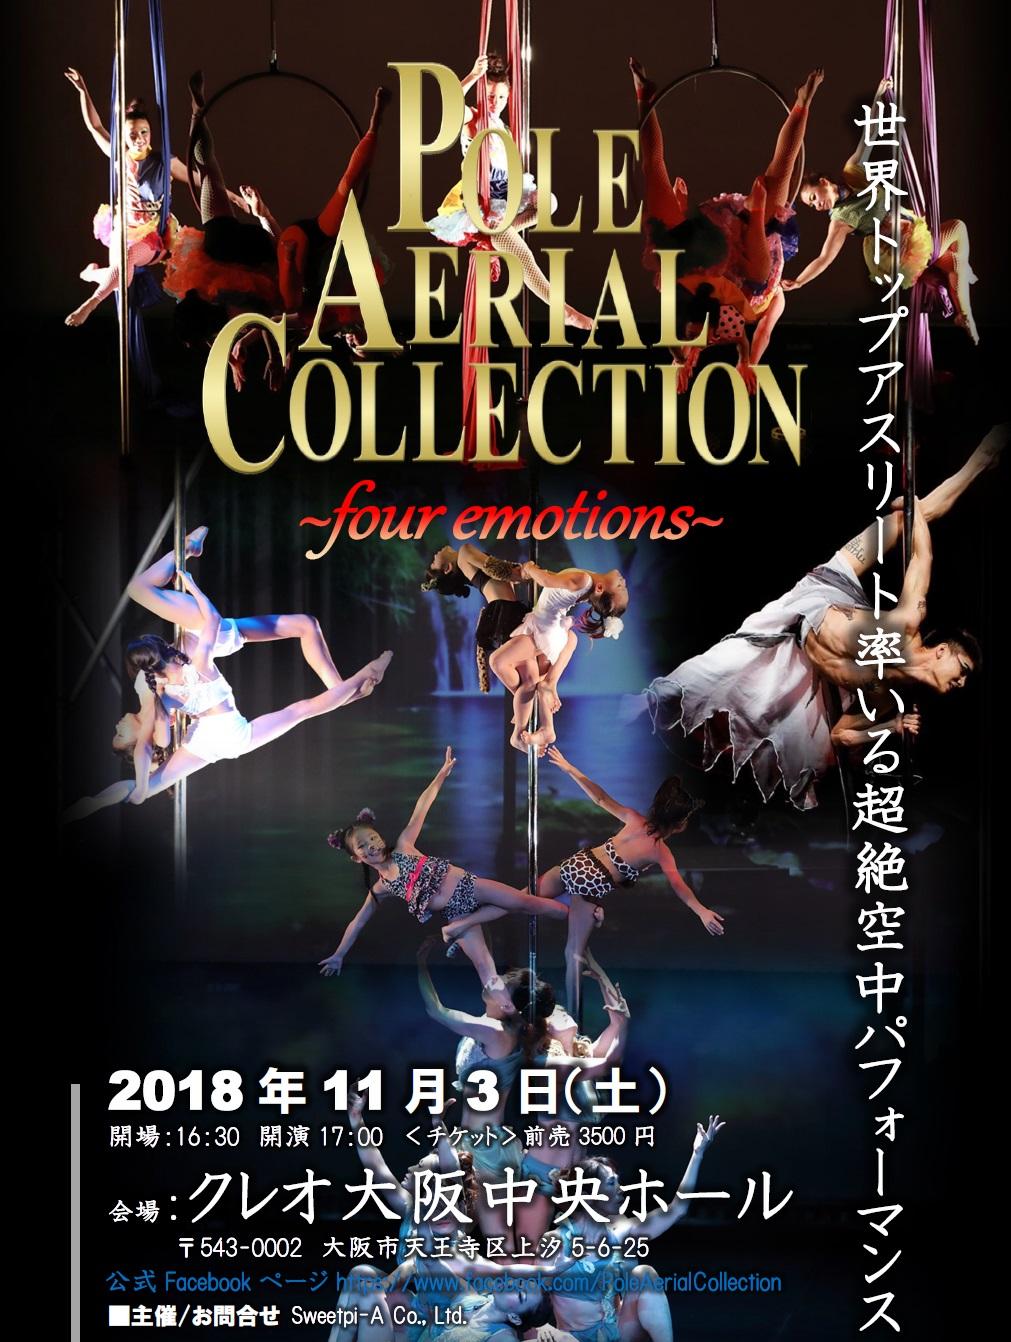 記事「ポールダンスとエアリアルの舞台「POLE AERIAL COLLECTION」11月3日開催!」の画像